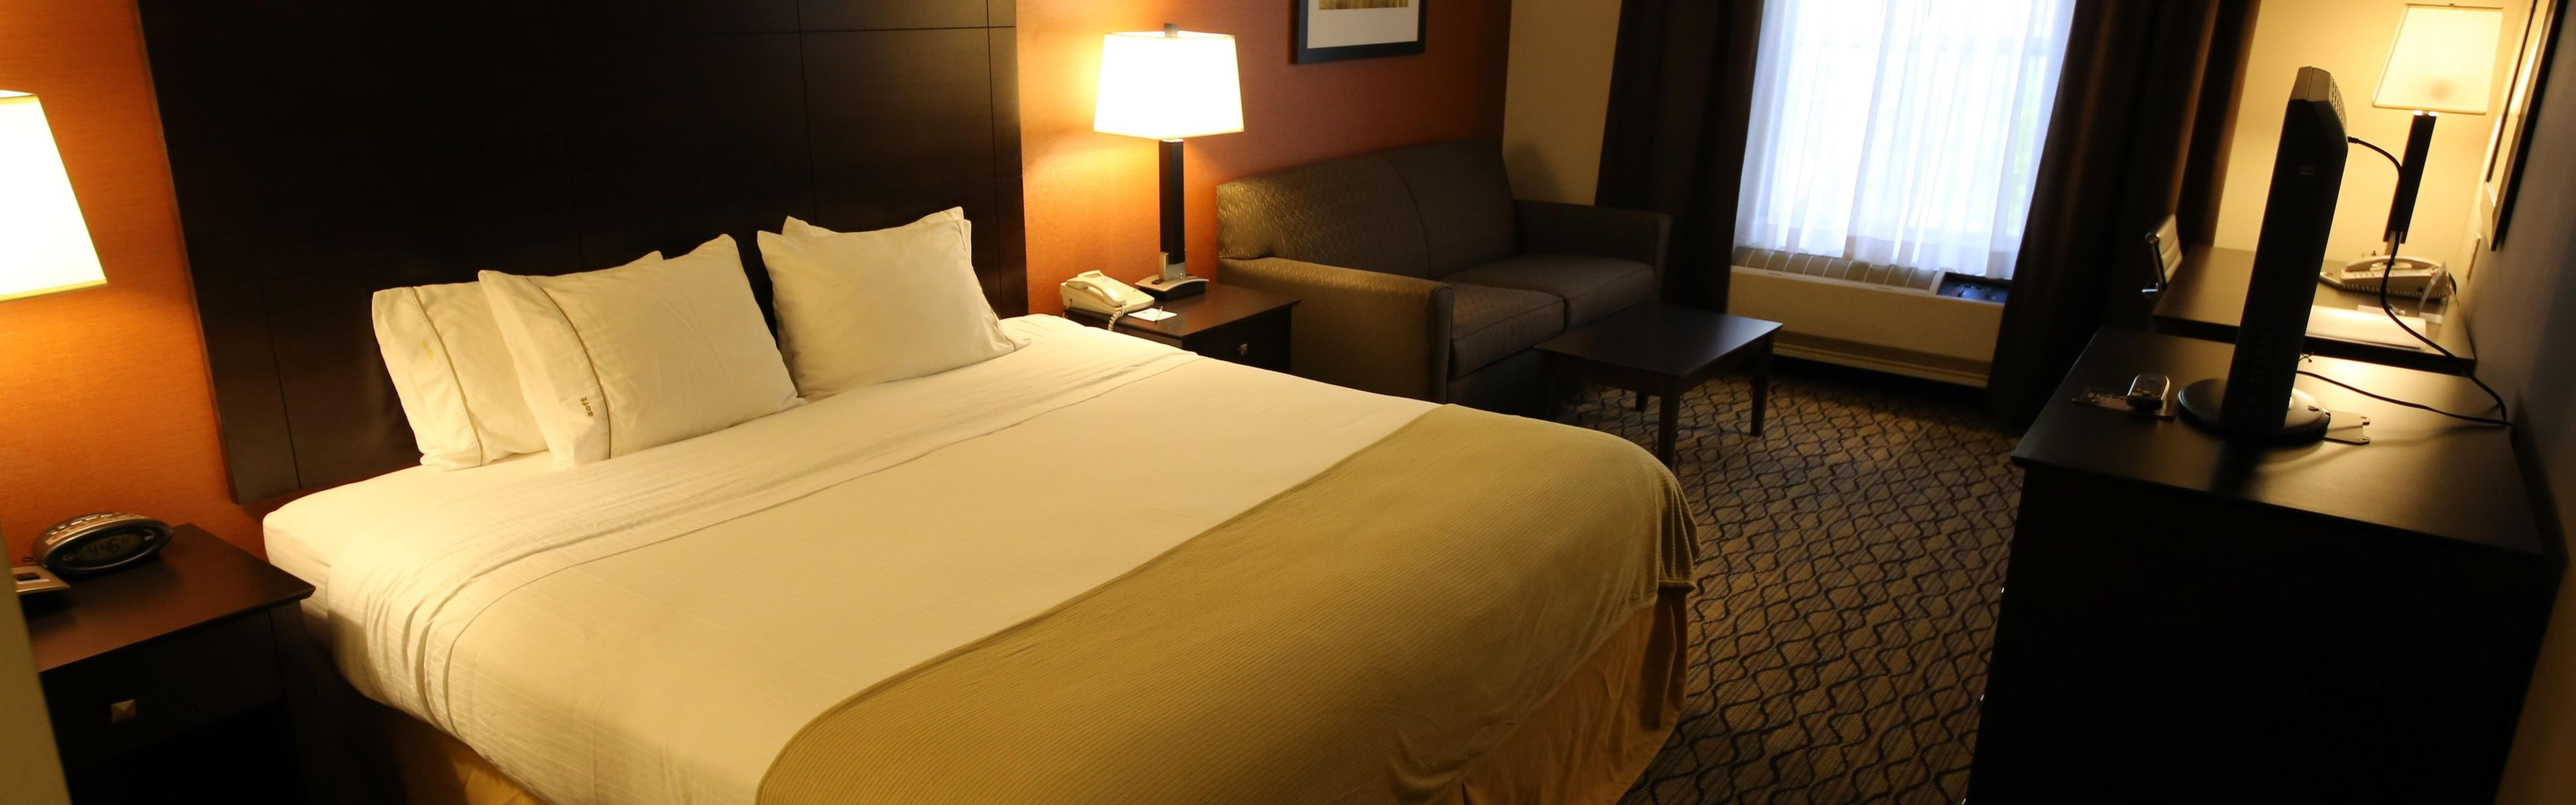 Holiday Inn Express & Suites Danbury - I-84 image 1